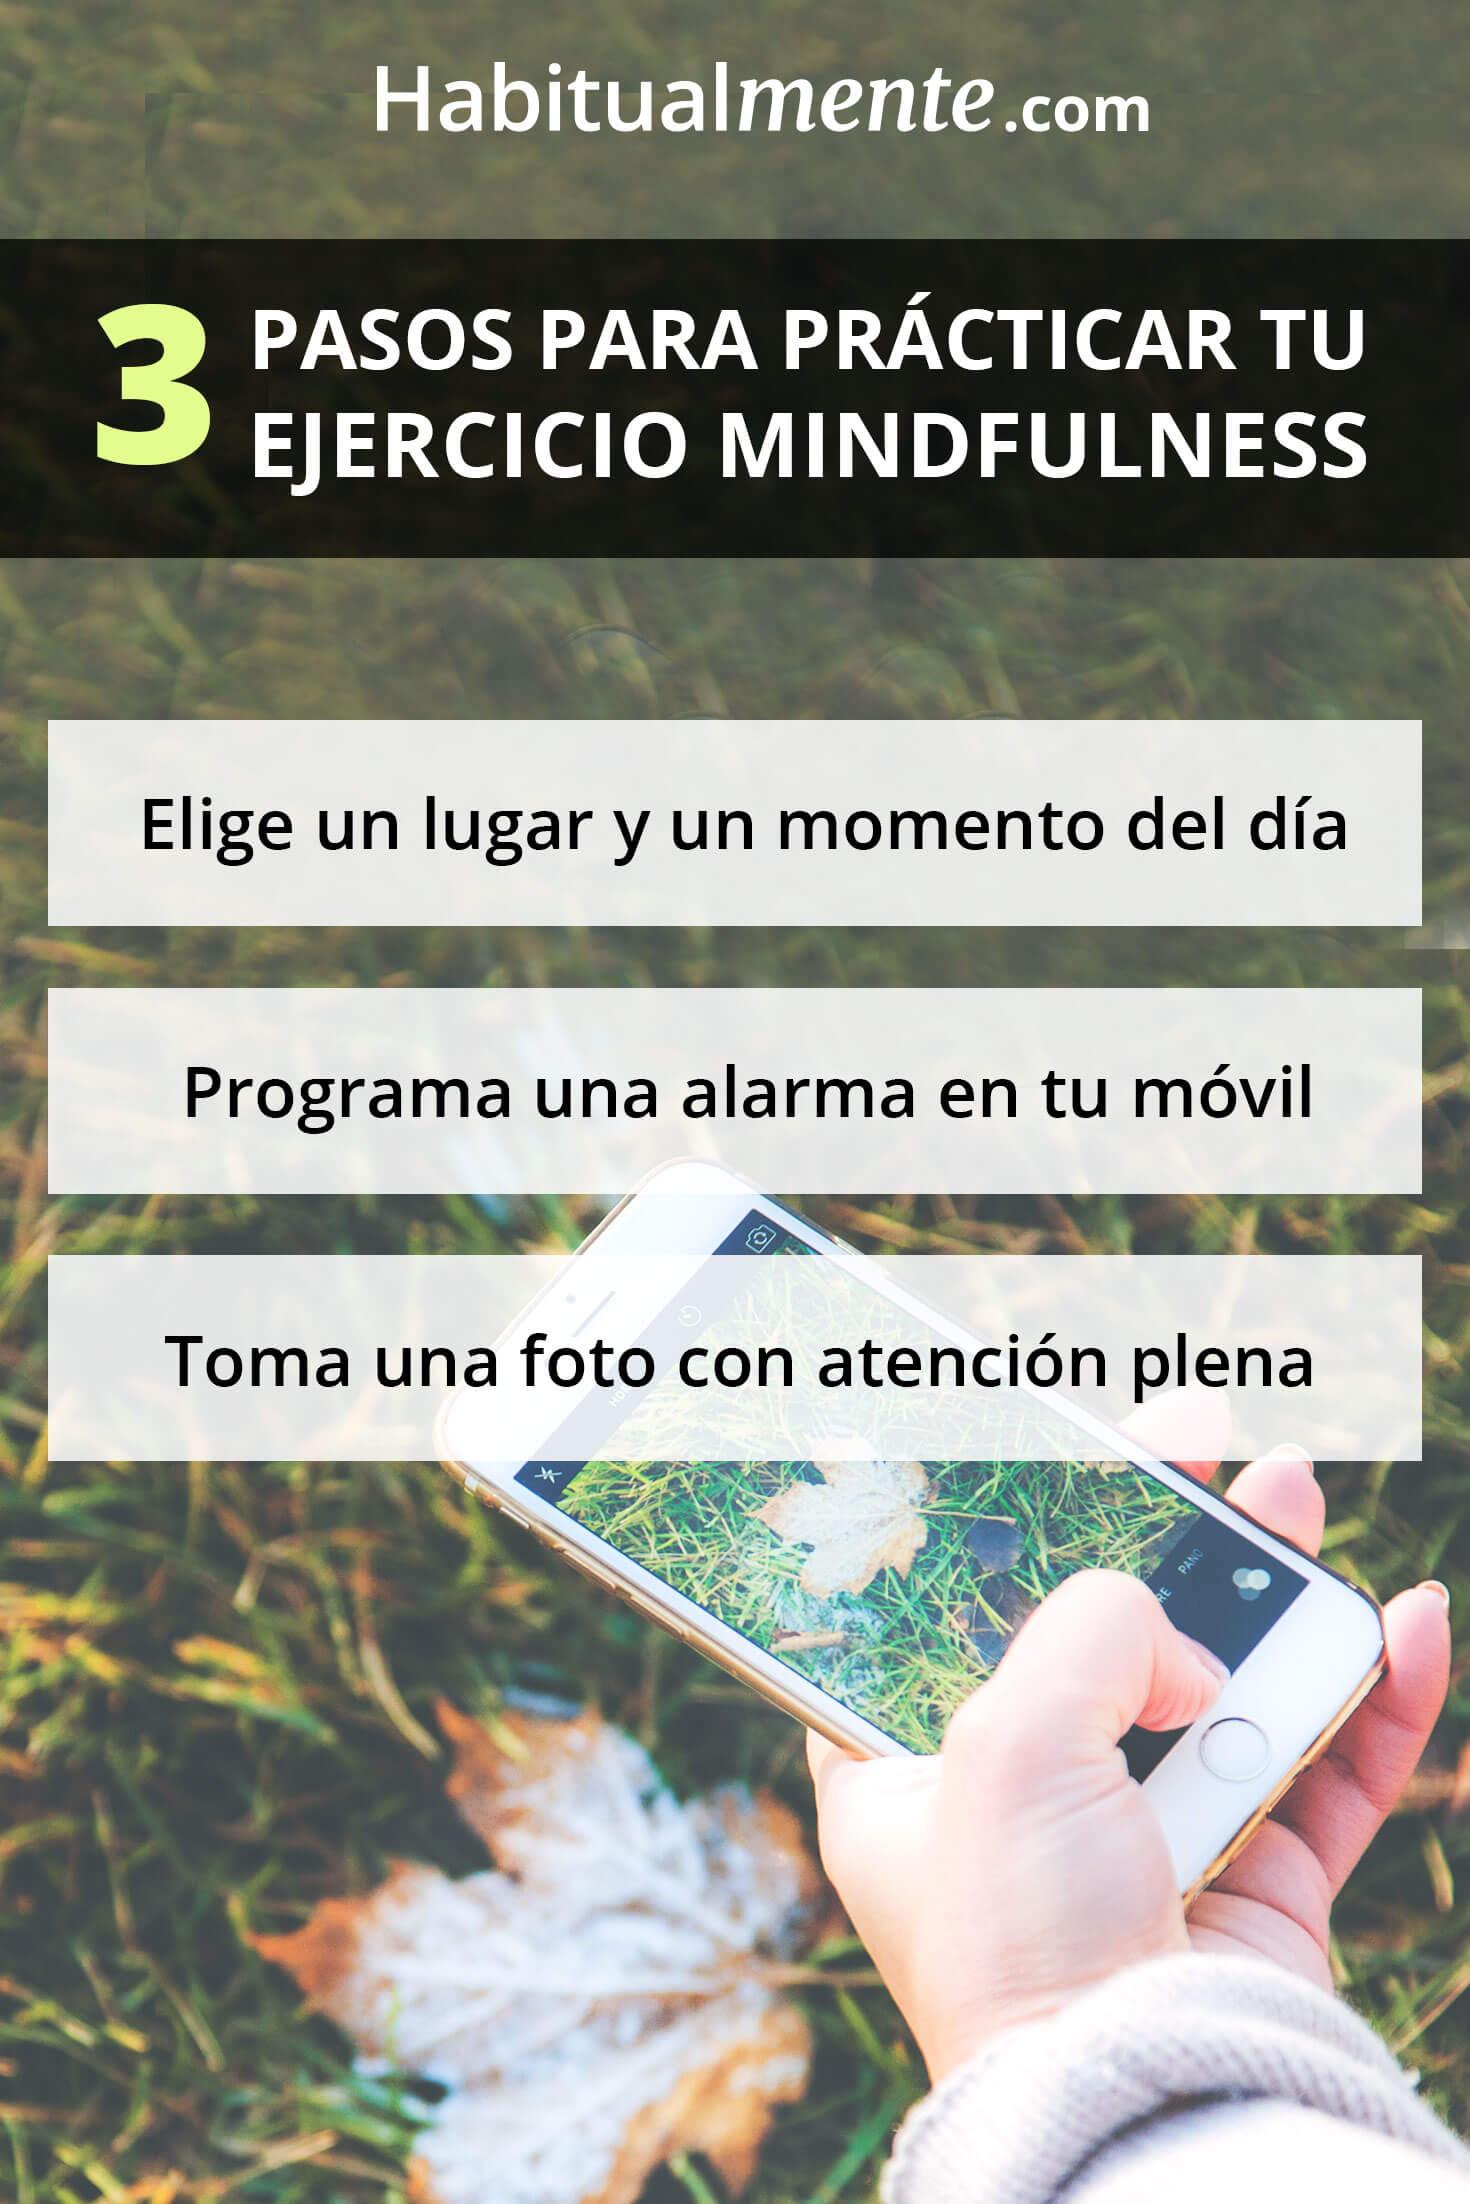 Ejercicio mindfulness de 3 pasos